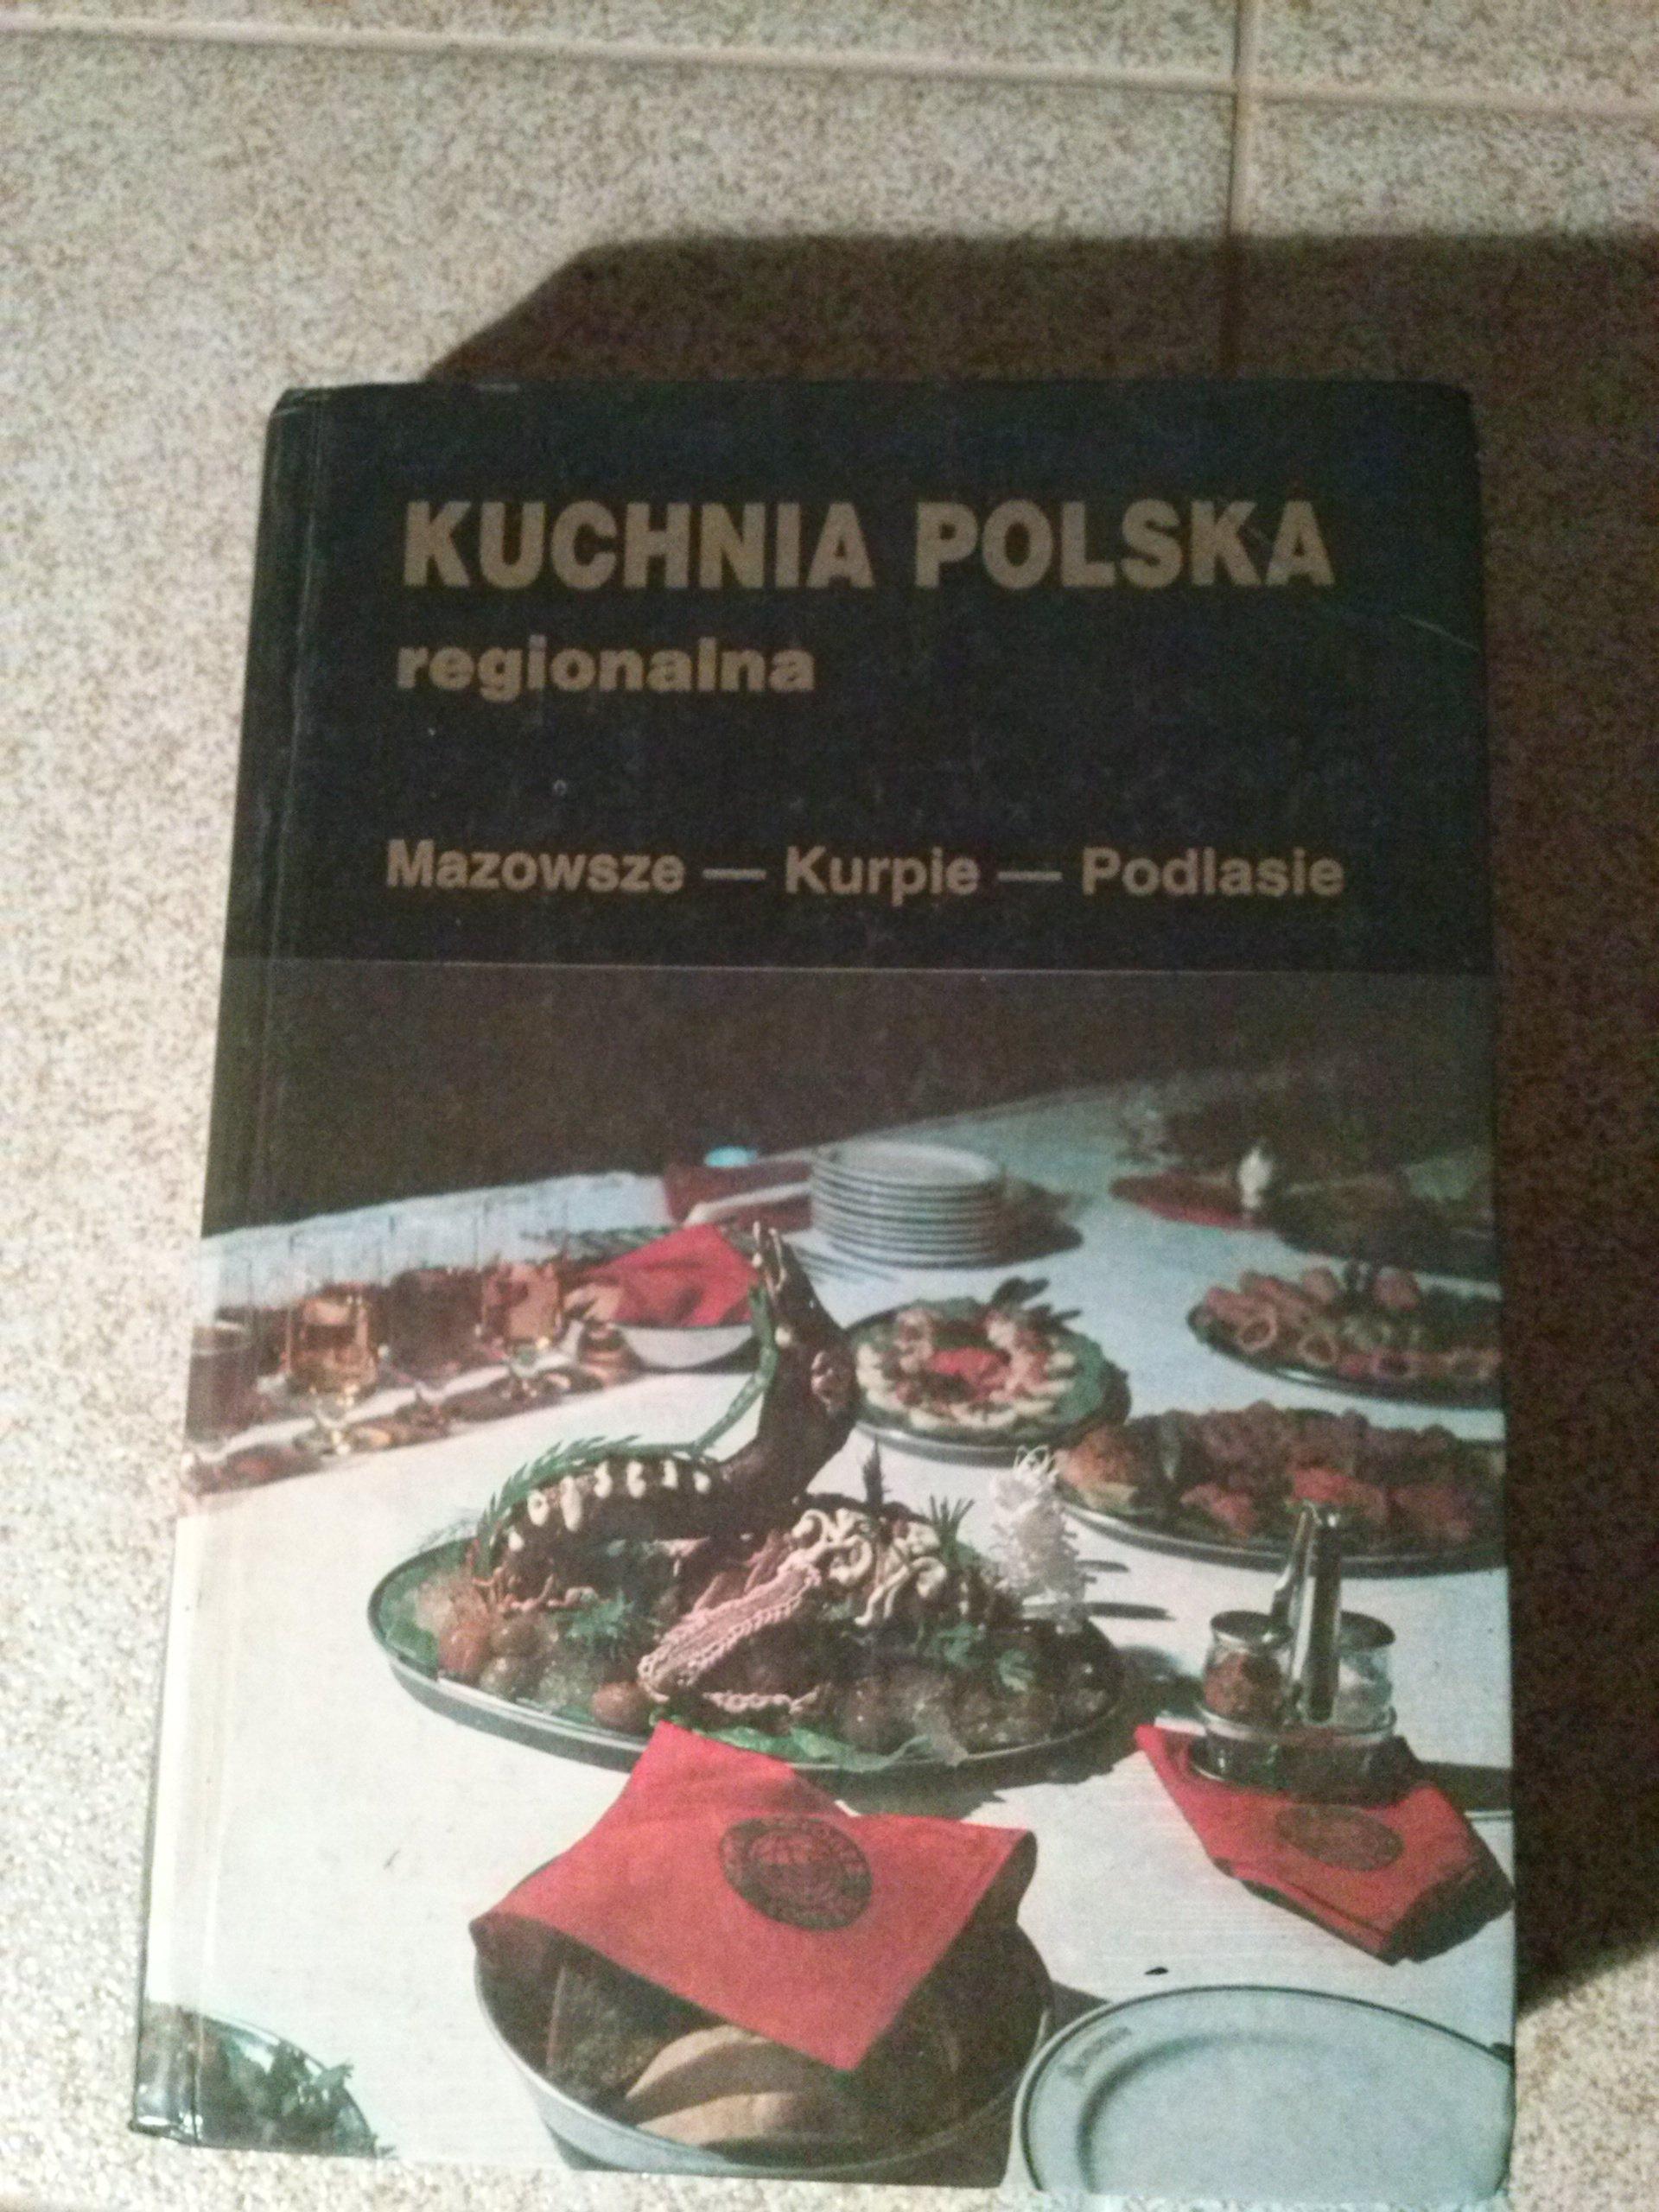 Kuchnia Polska Regionalna Mazowsze Kurpie Podlasie